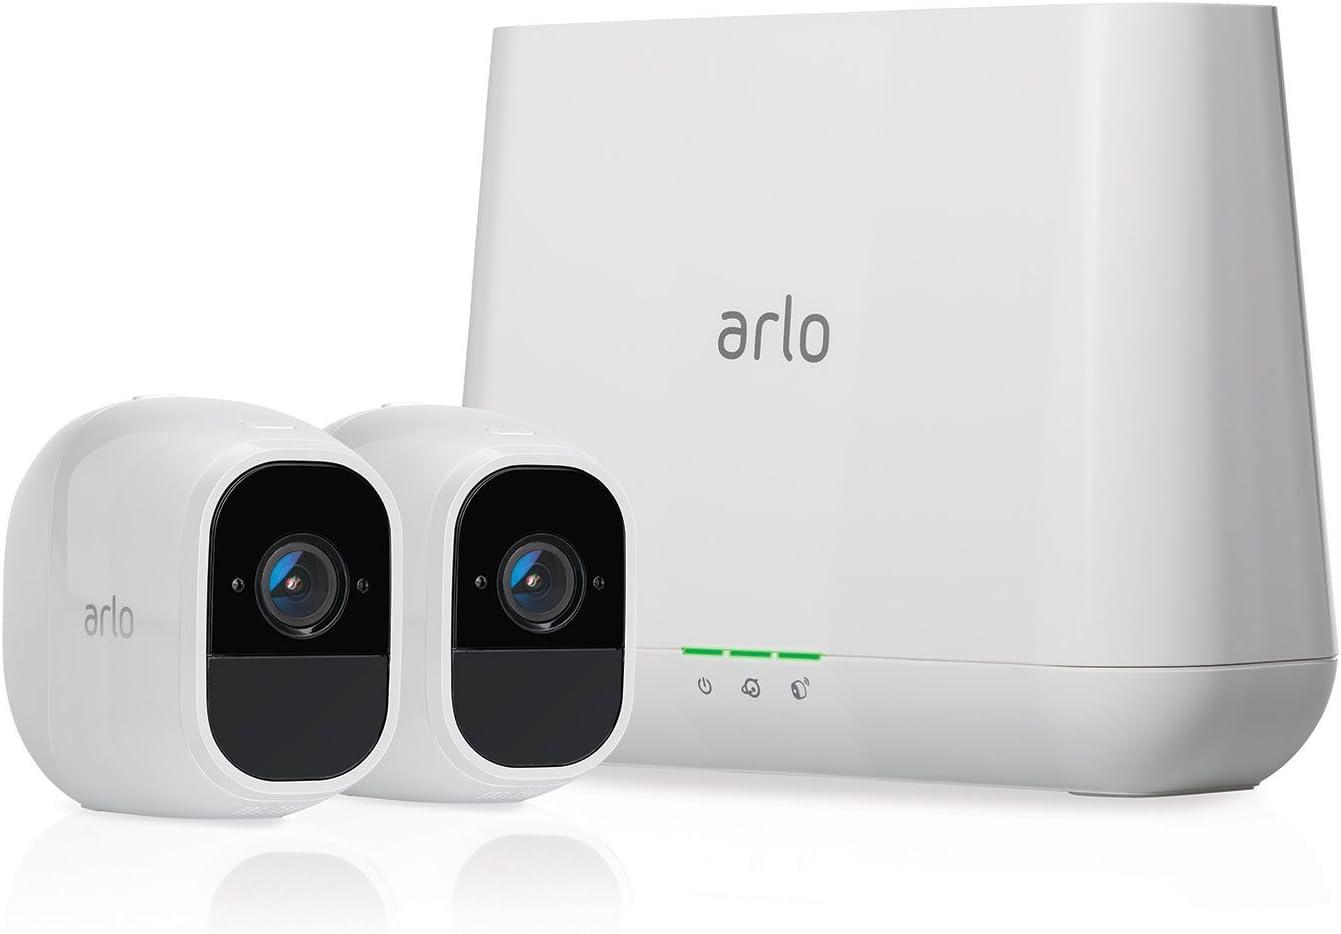 Arlo Pro 2 VMS4230P-100EUS - Sistema de seguridad y vídeo vigilancia de 2 cámaras sin cables 1080p HD (recargable, interior/exterior, visión nocturna, audio bidireccional, visión 130º)